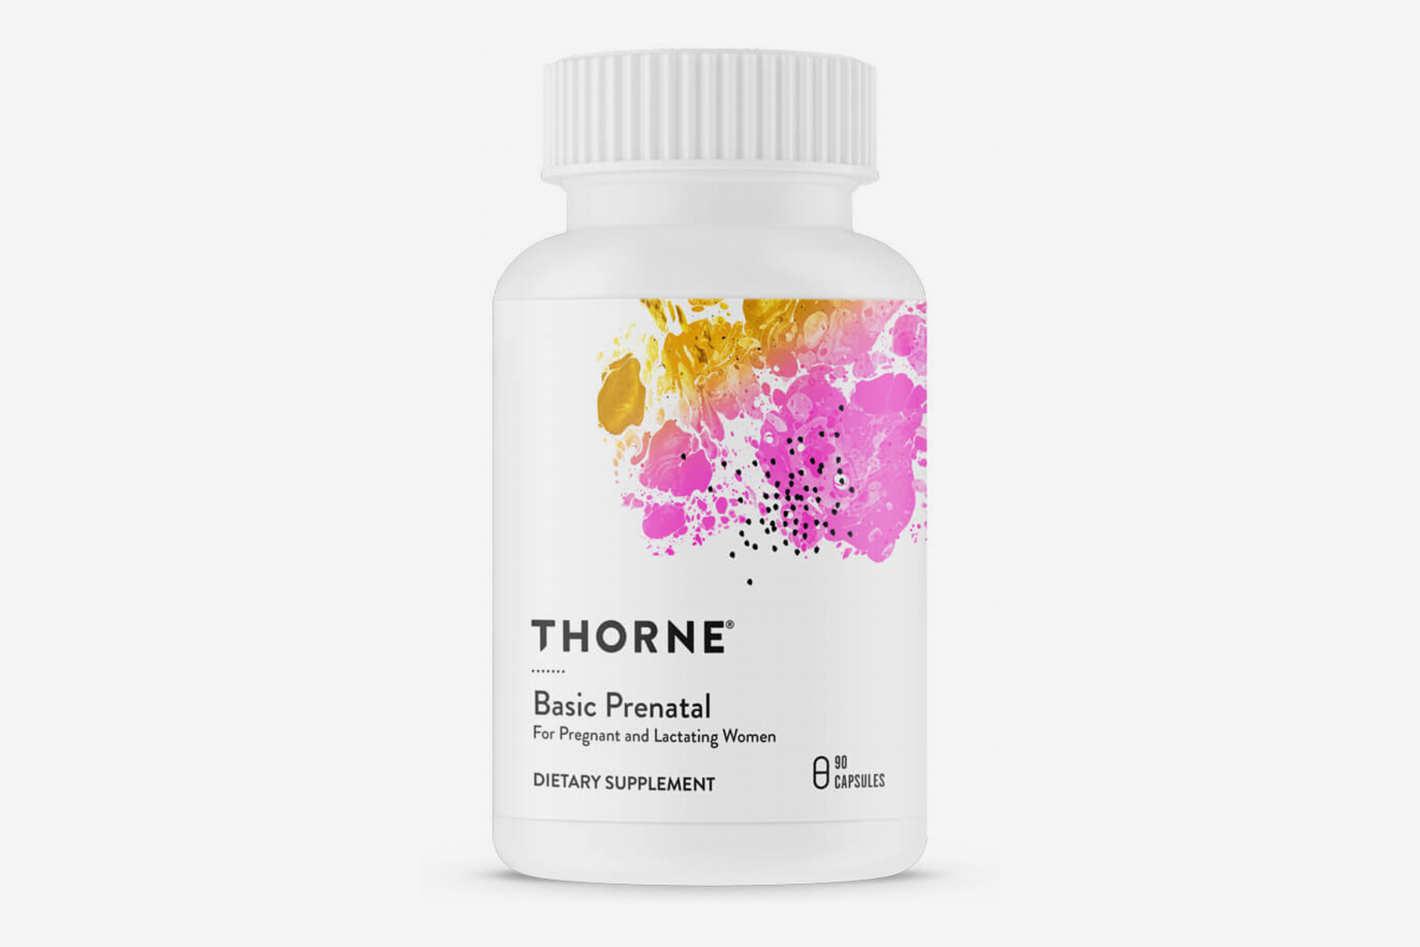 Thorne Basic Prenatal Multi-Vitamin